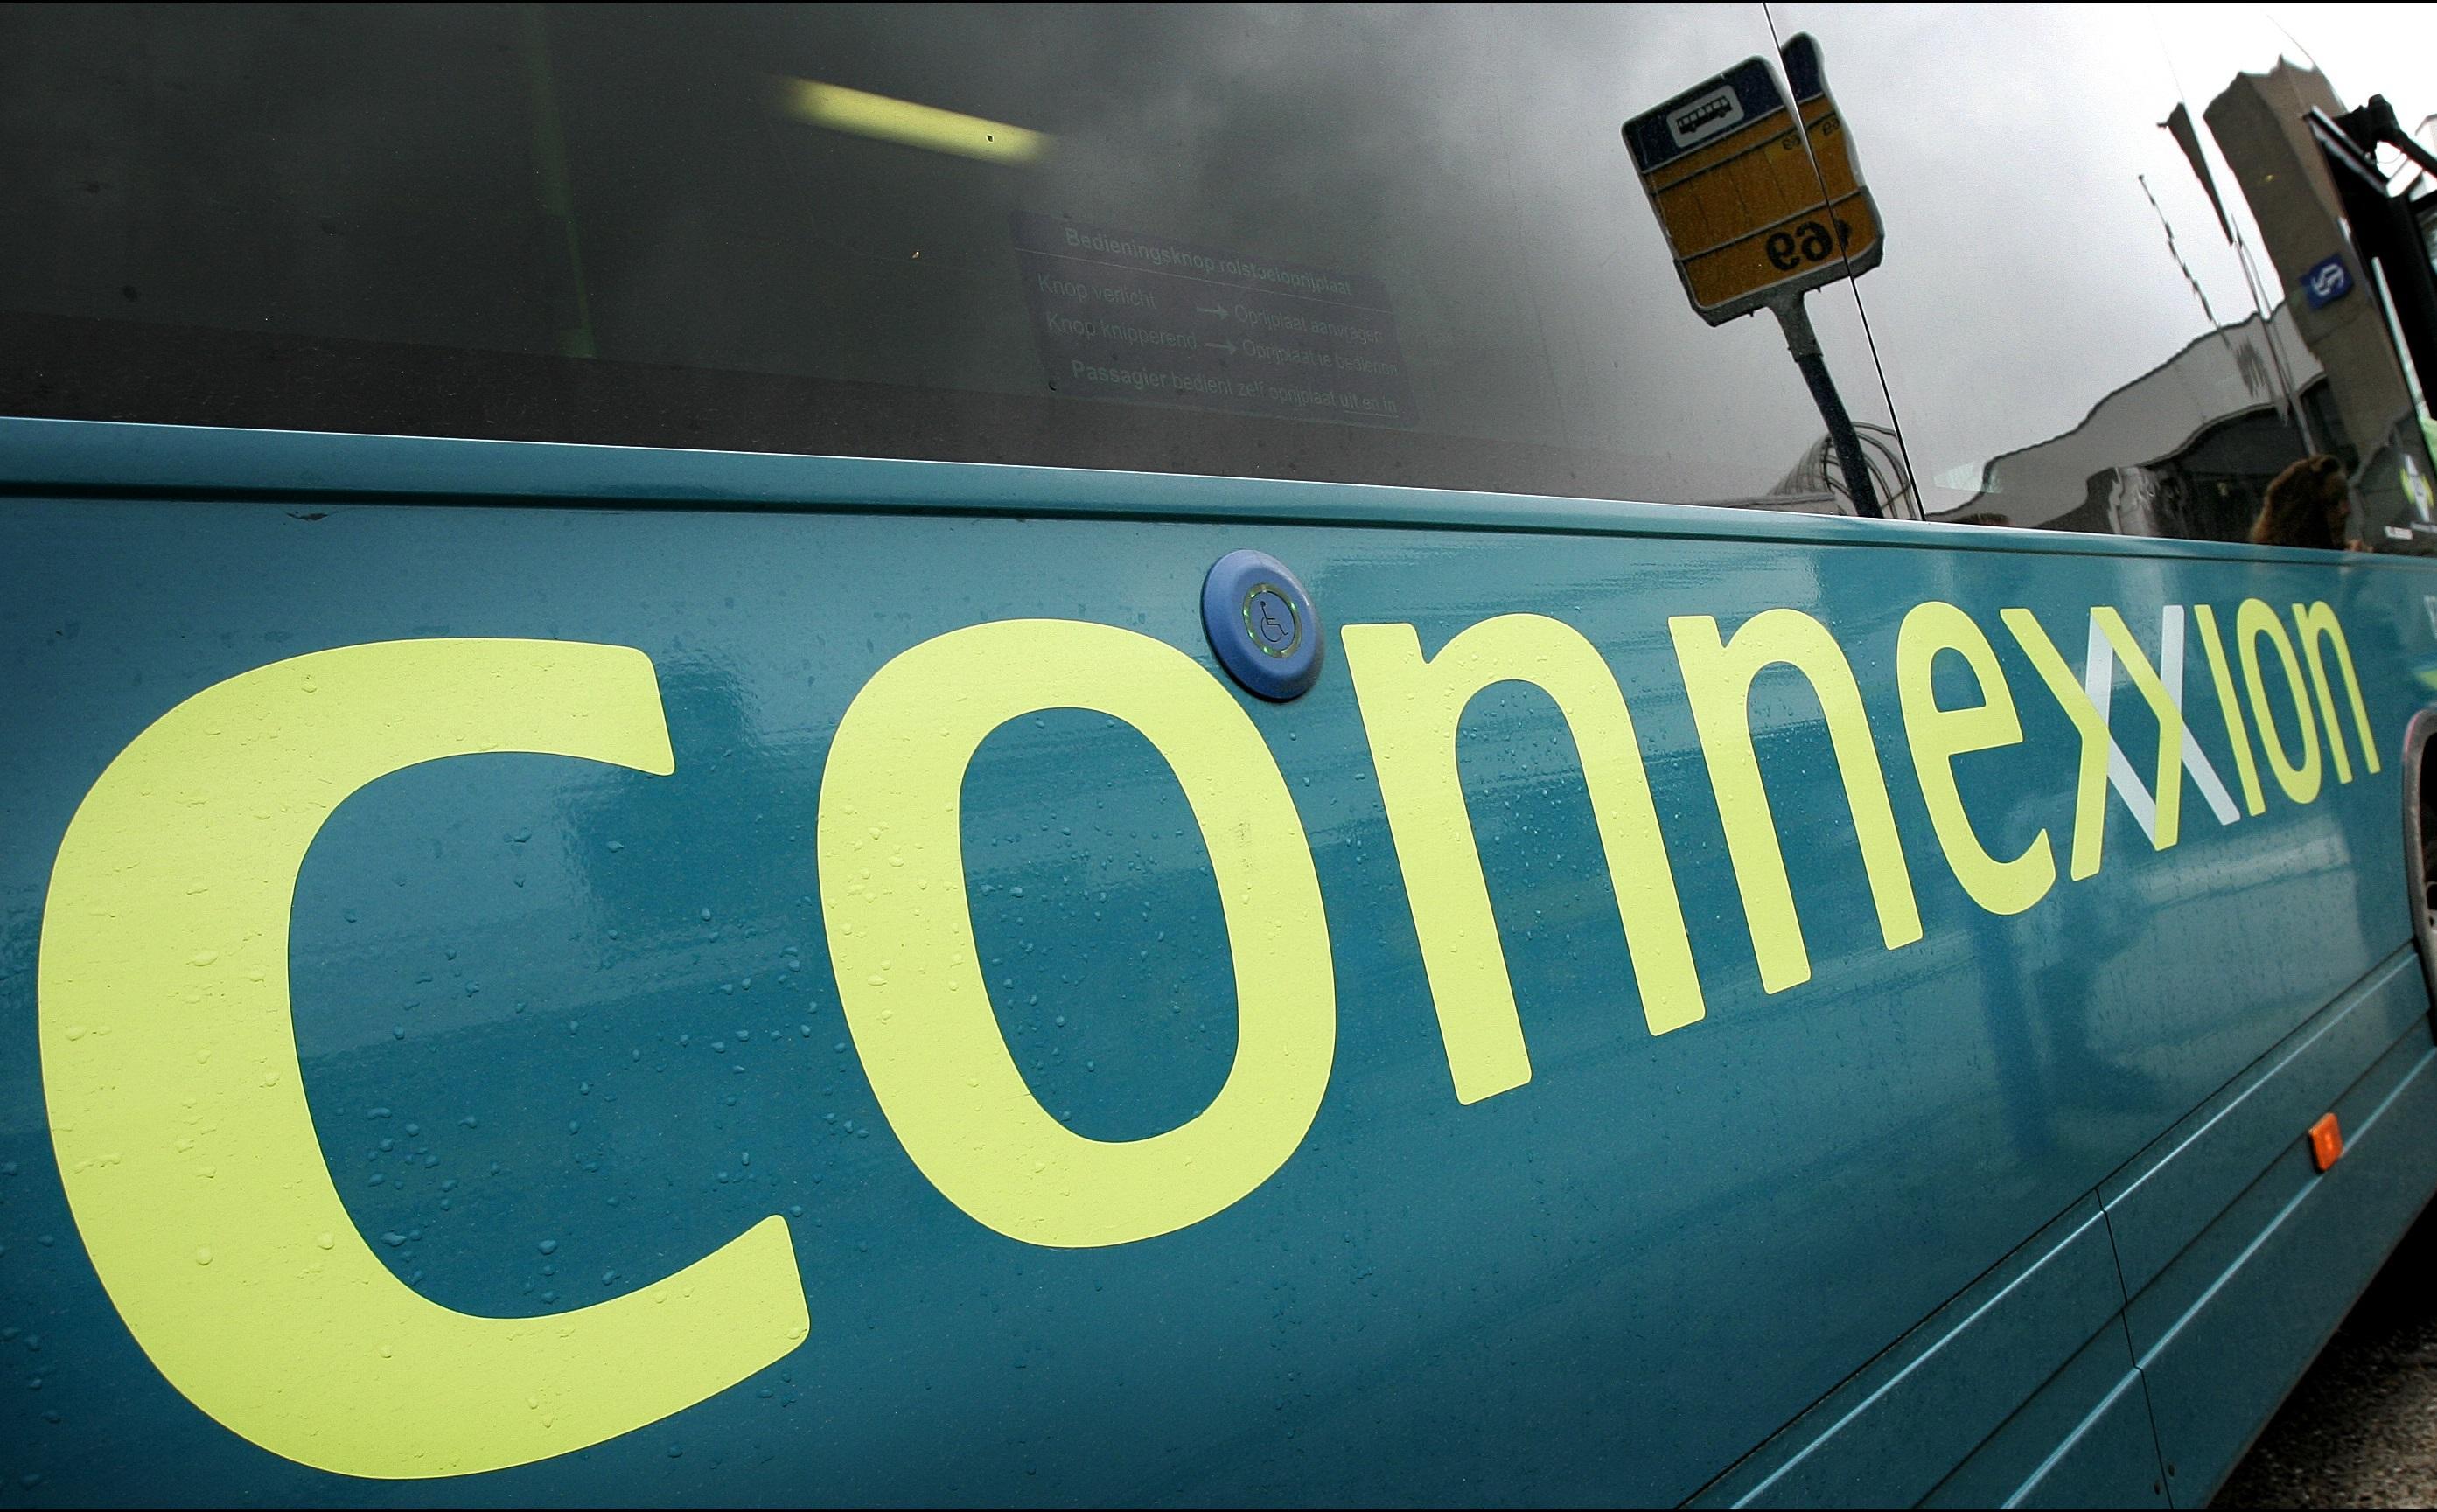 Connexxion laat nachtbussen voorlopig niet rijden